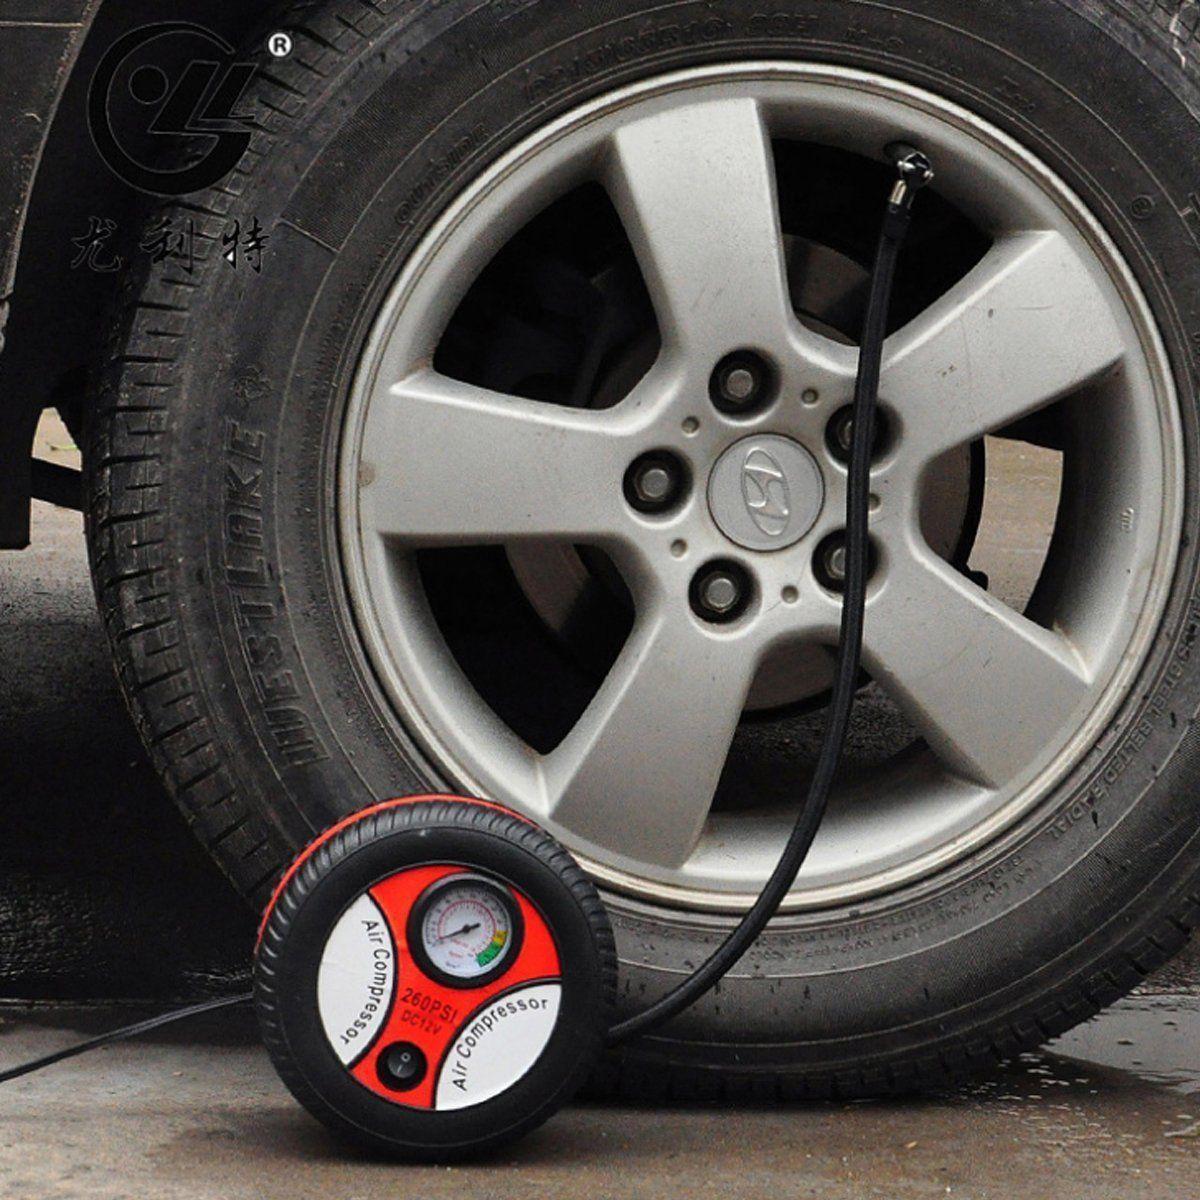 2019 Aggiornamento Mini portatile elettrico del compressore d'aria della pompa auto del gonfiatore della gomma attrezzo della pompa 12V 260PSI FP9 Shpping libero